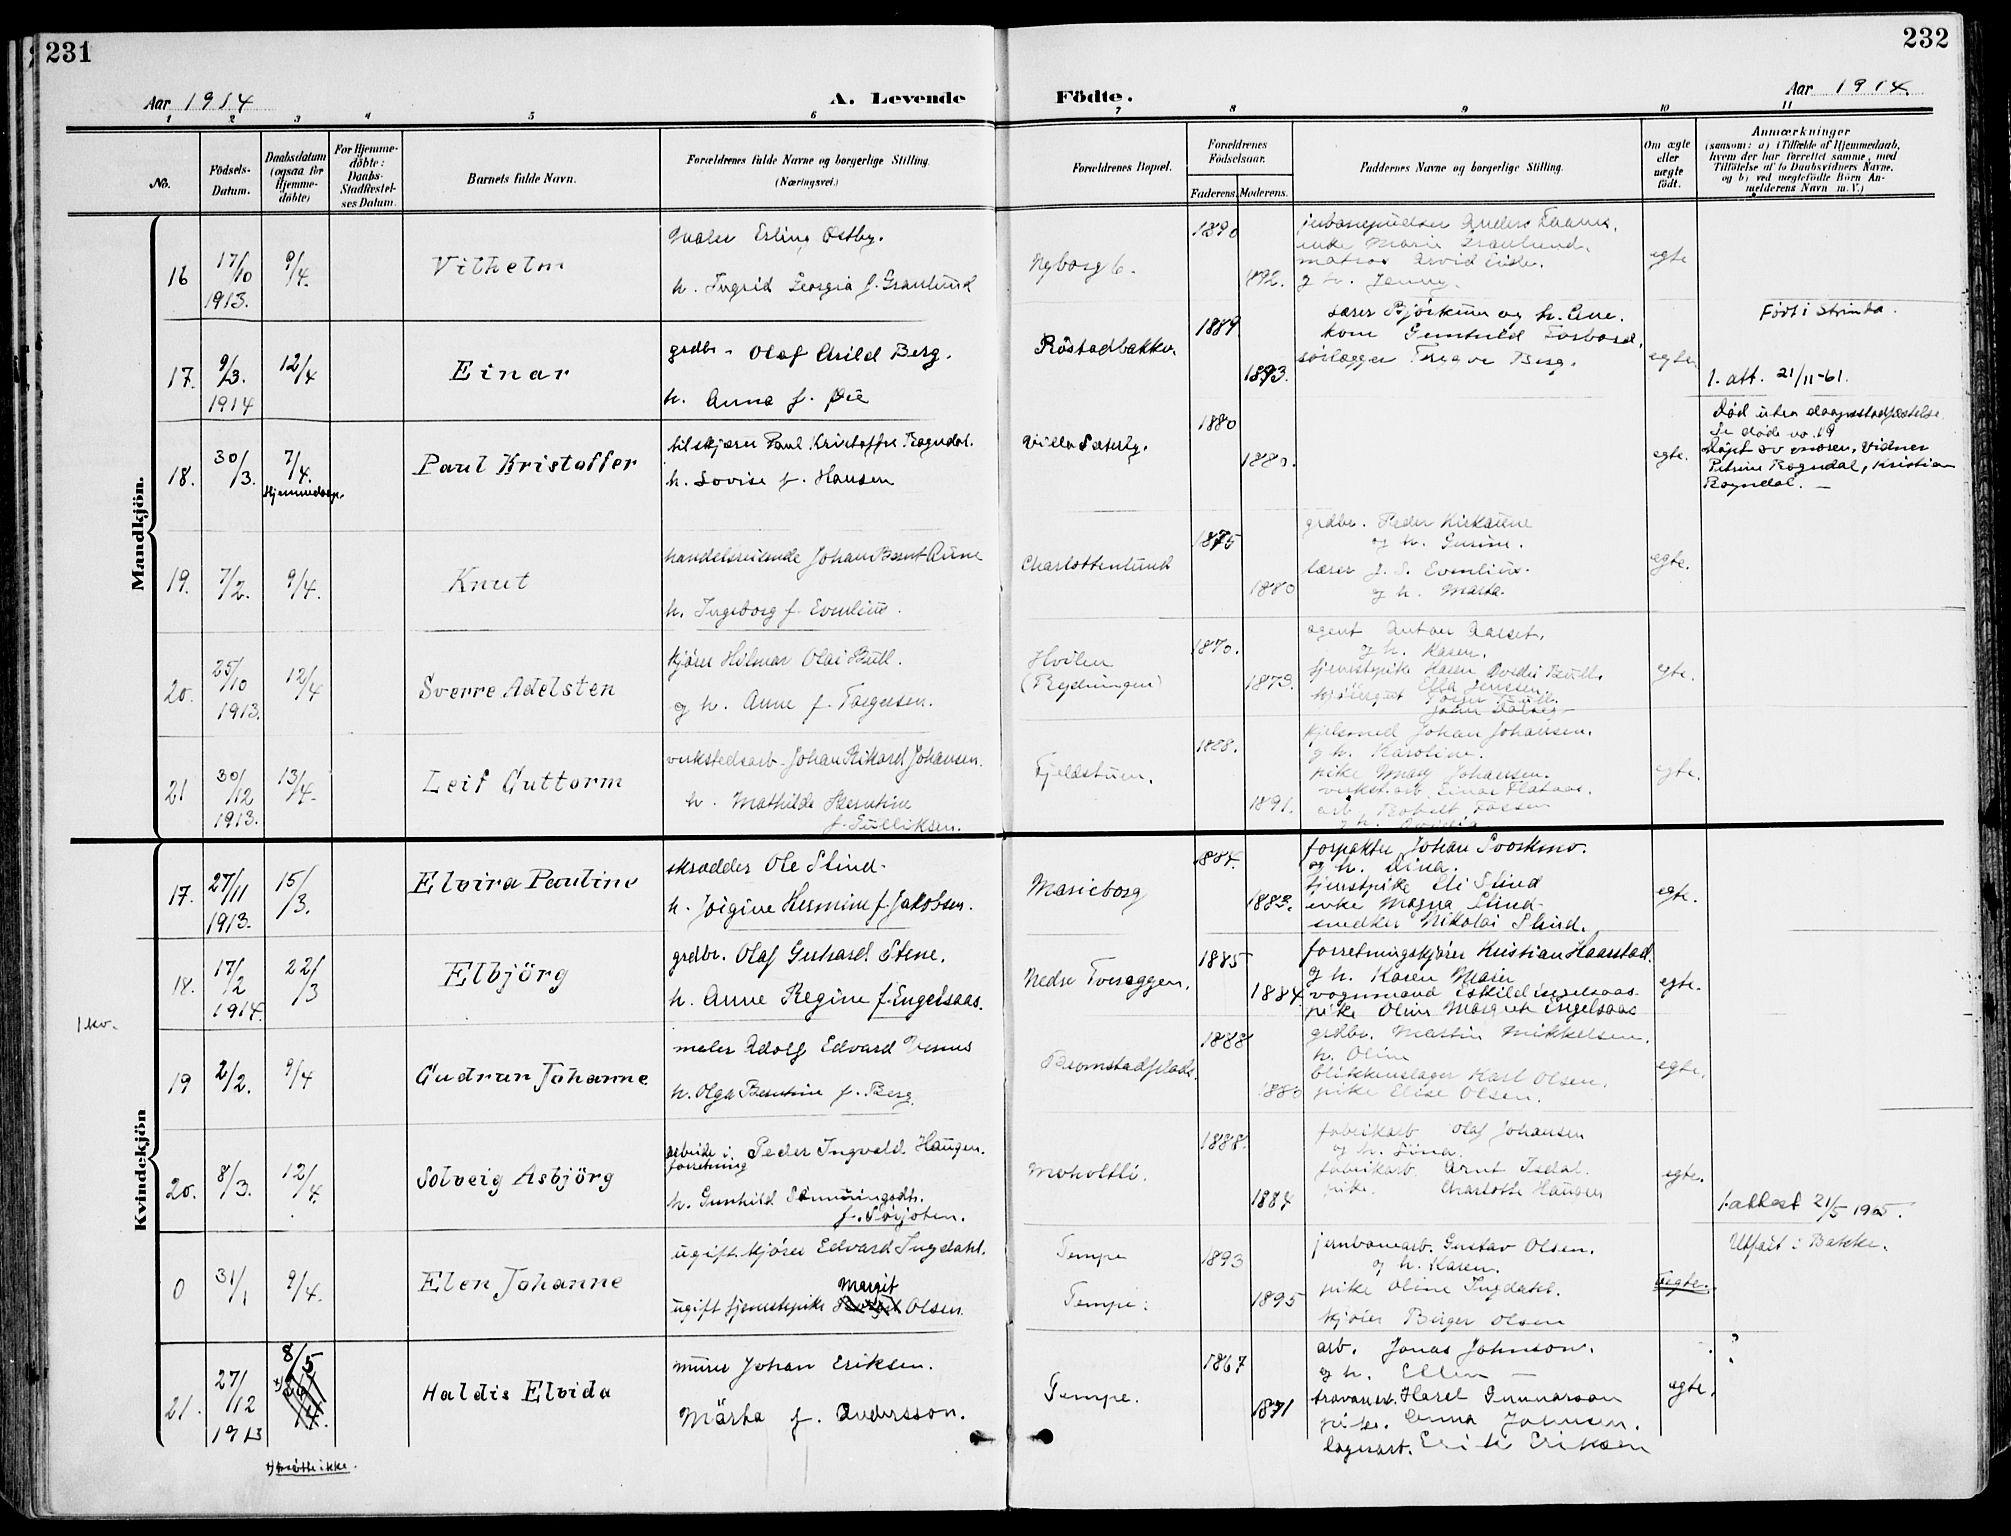 SAT, Ministerialprotokoller, klokkerbøker og fødselsregistre - Sør-Trøndelag, 607/L0320: Ministerialbok nr. 607A04, 1907-1915, s. 231-232